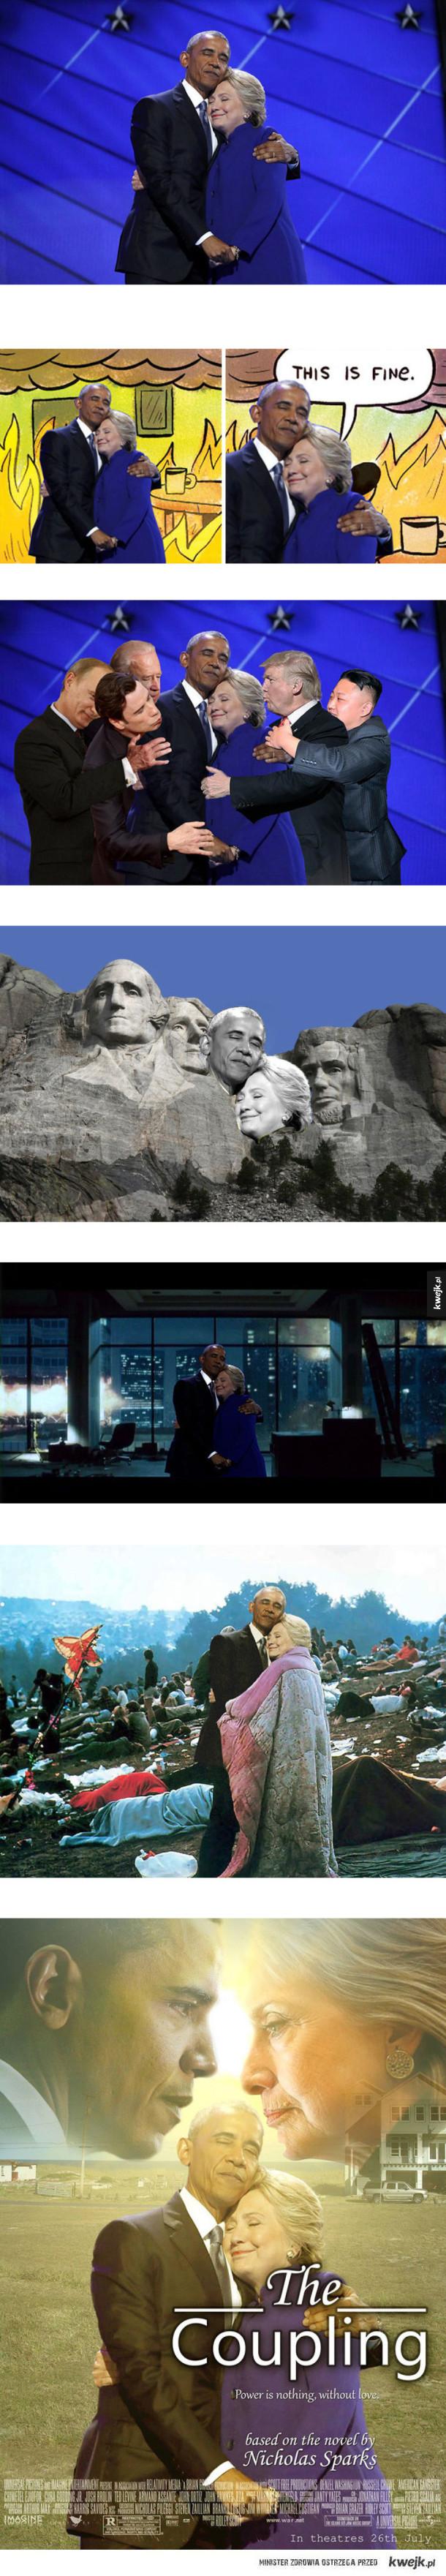 Hilary i Barack